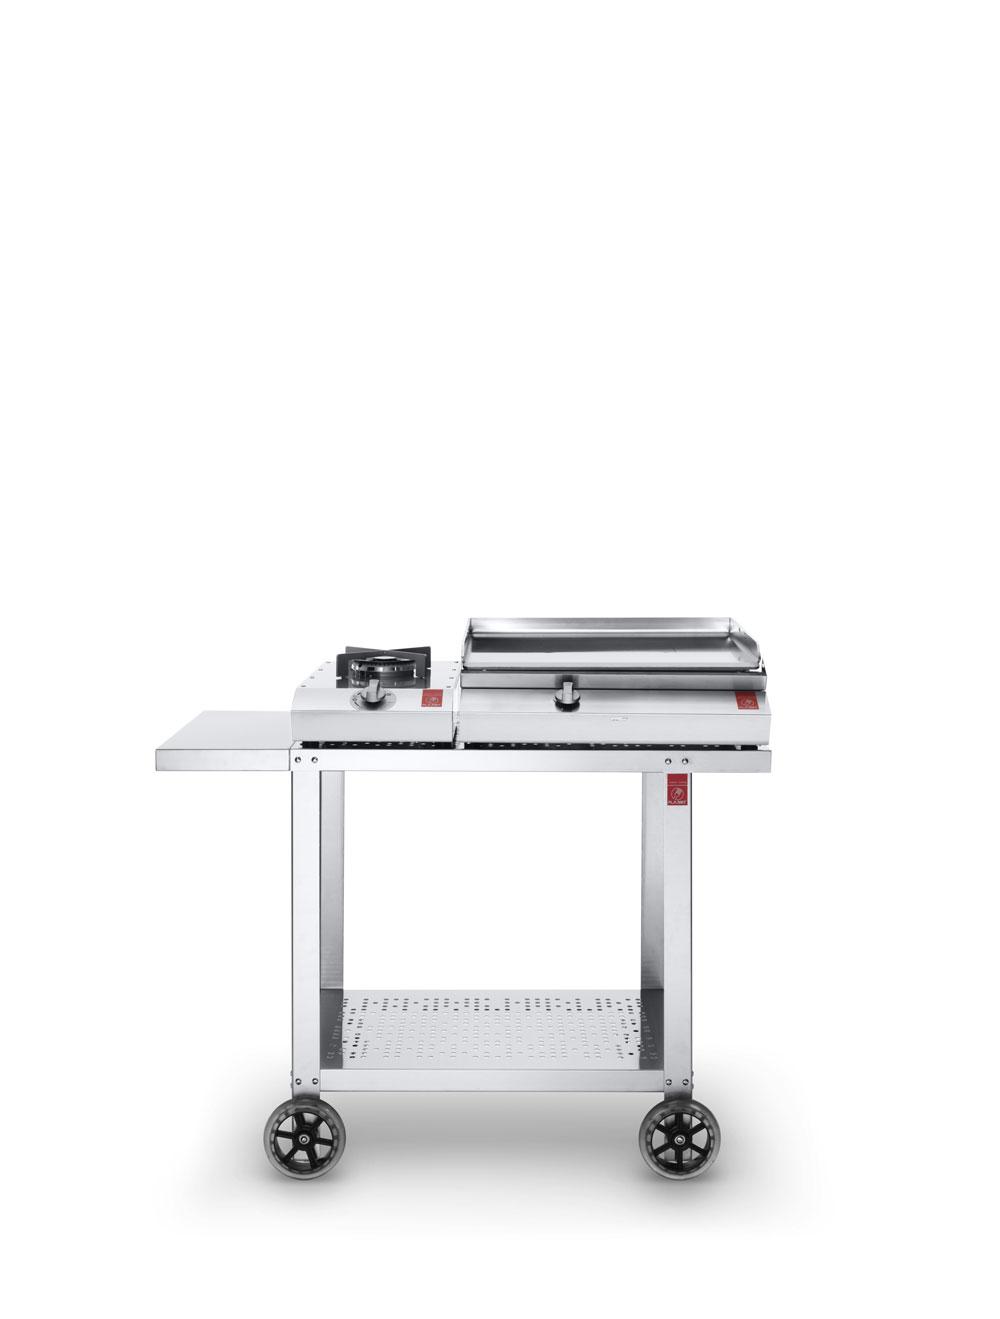 Barbecue modello Moma 55 T